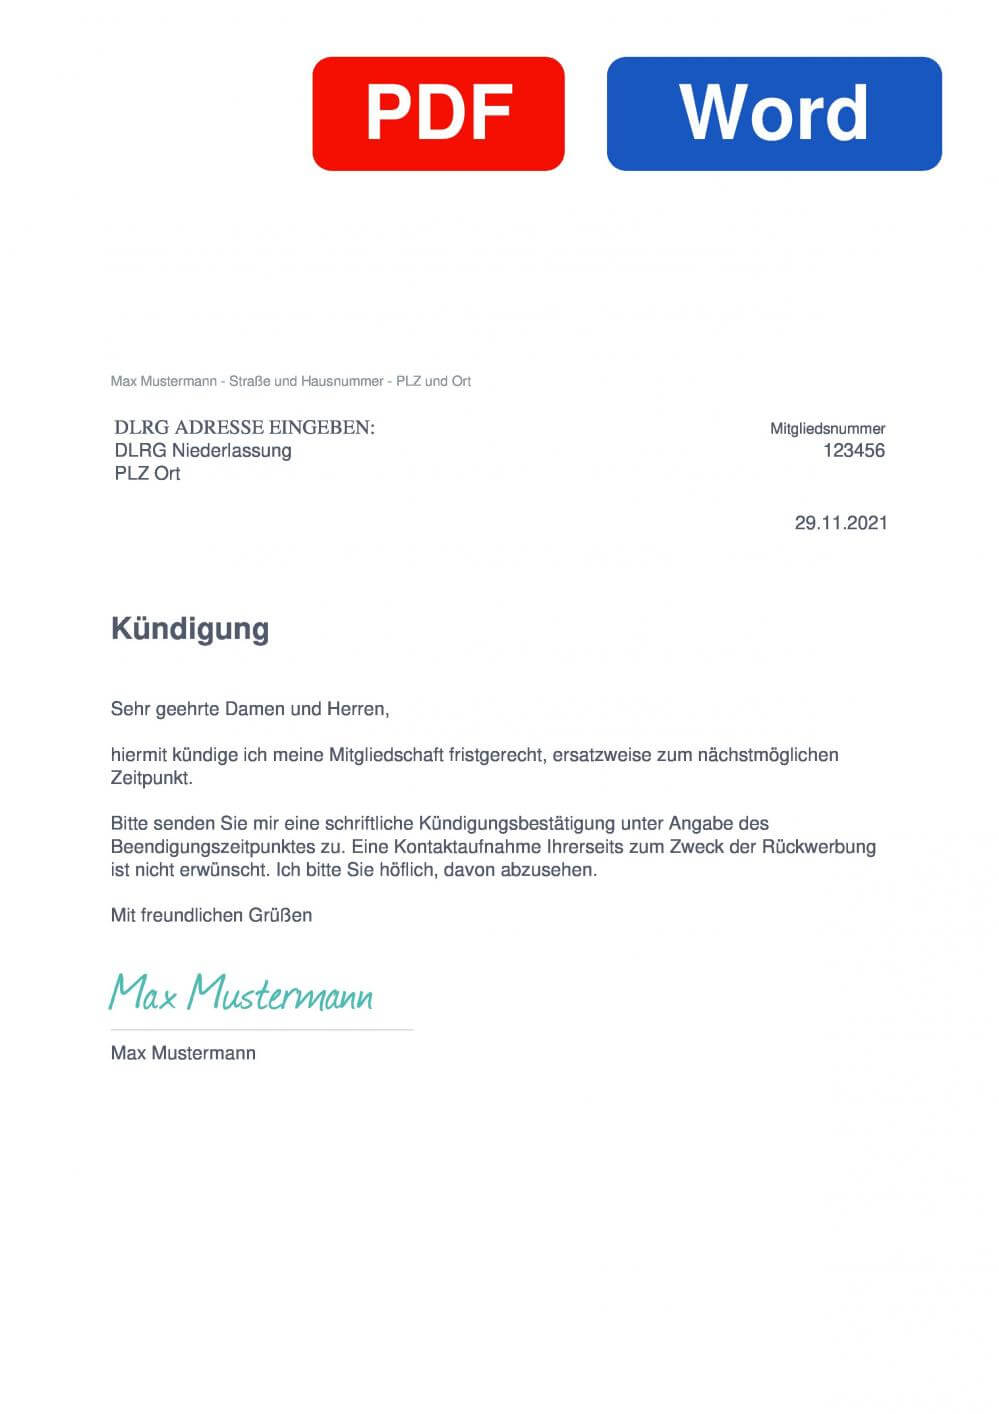 DLRG Muster Vorlage für Kündigungsschreiben